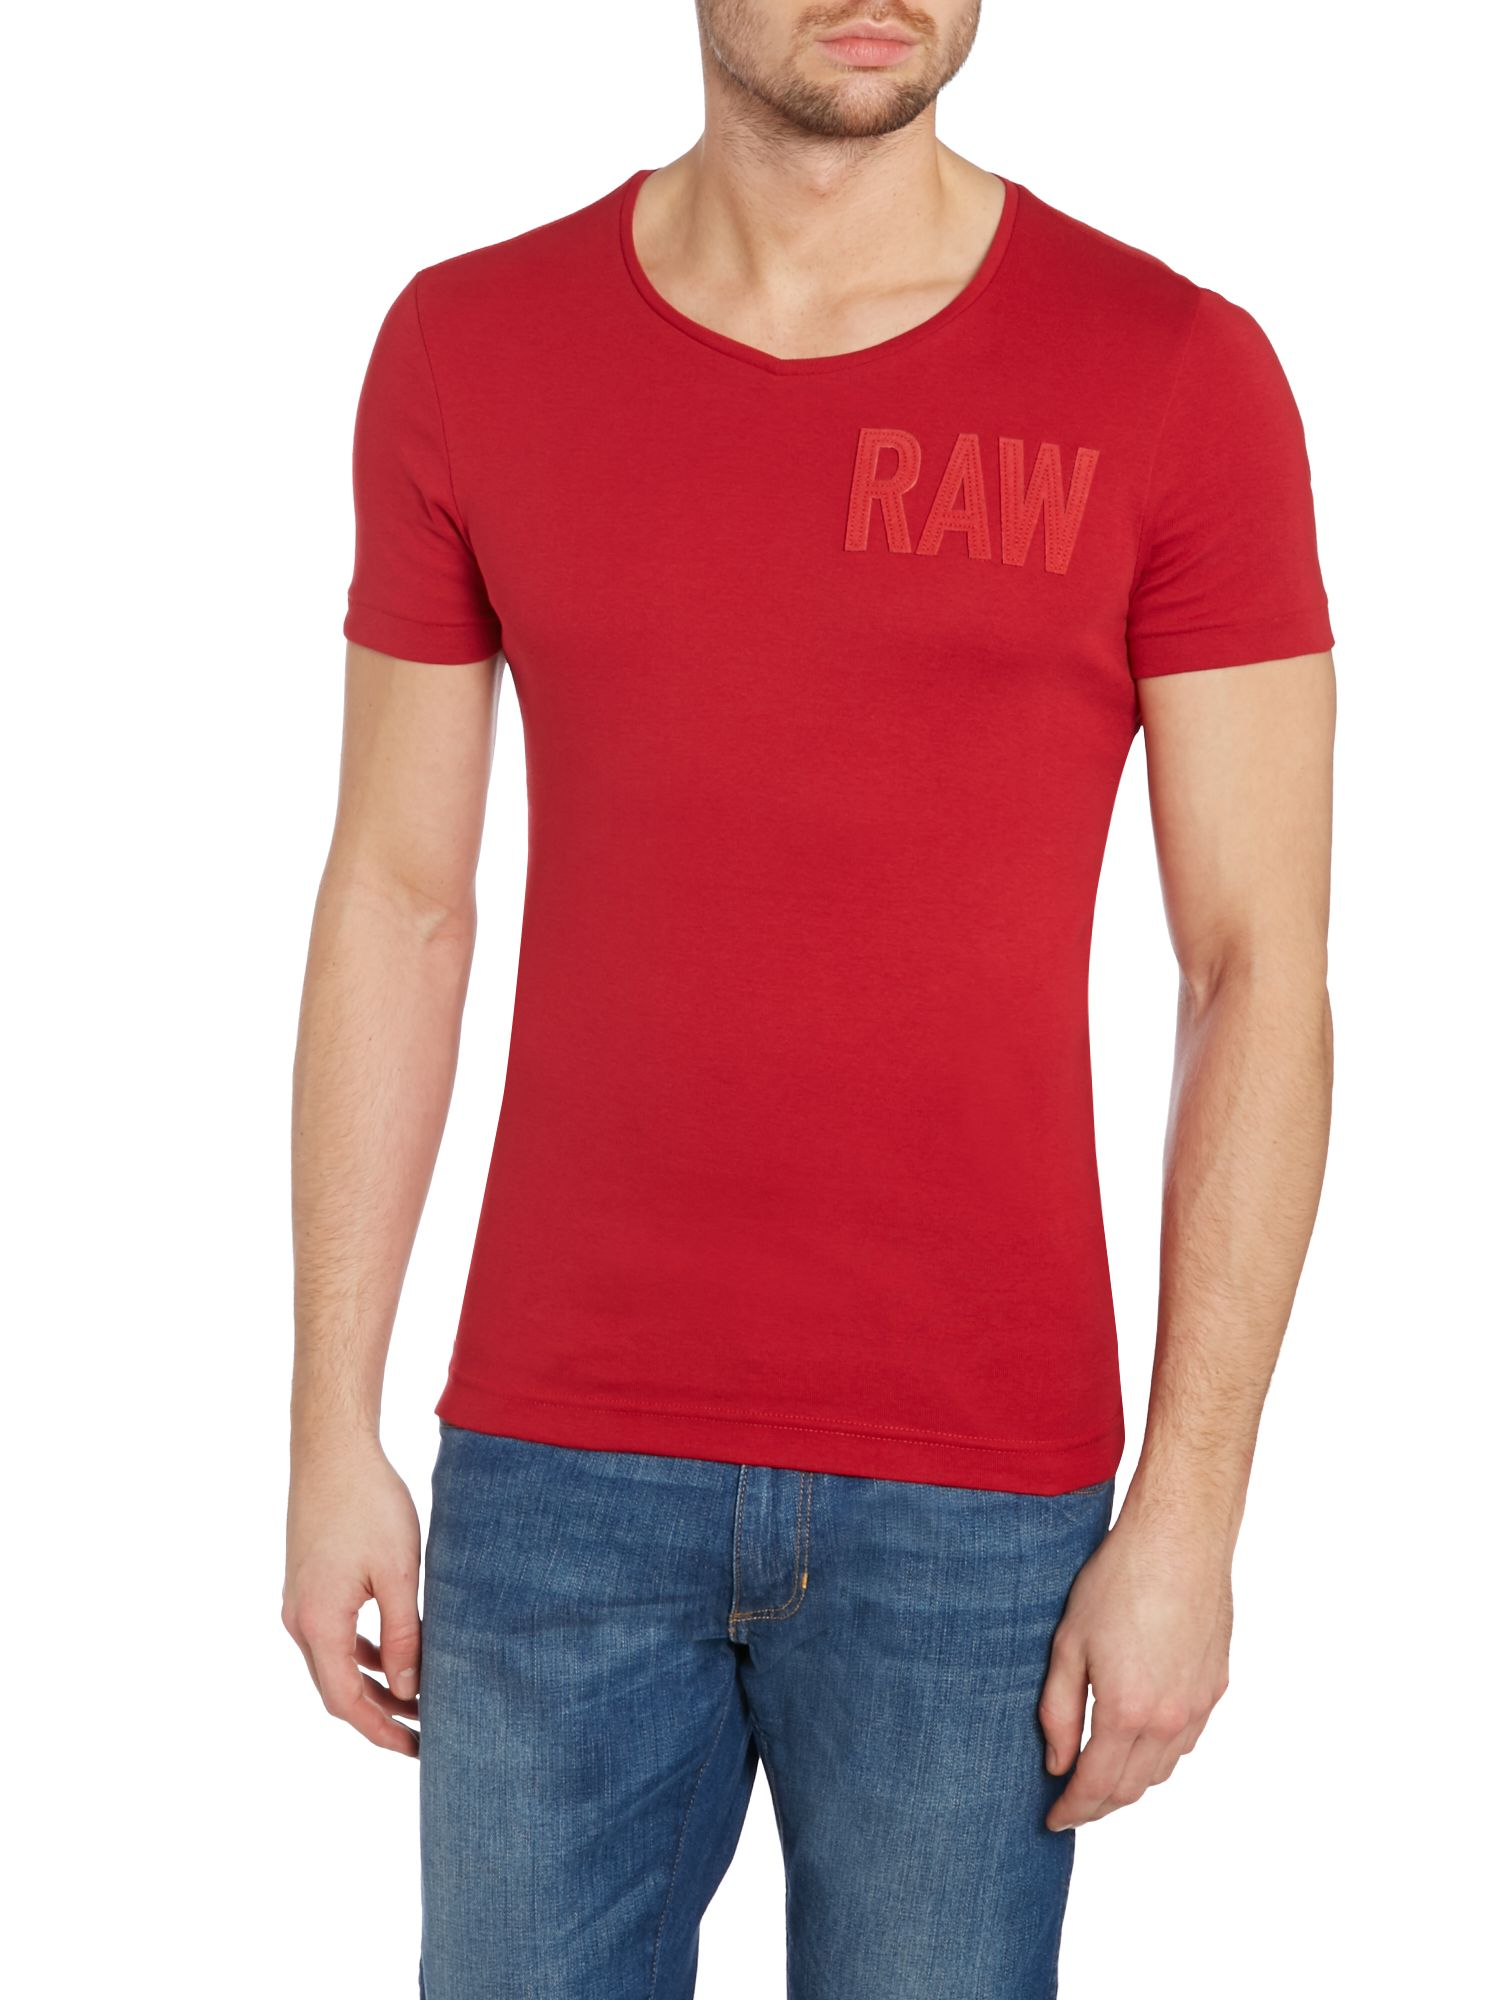 lyst g star raw logo v neck regular fit t shirt in red for men. Black Bedroom Furniture Sets. Home Design Ideas